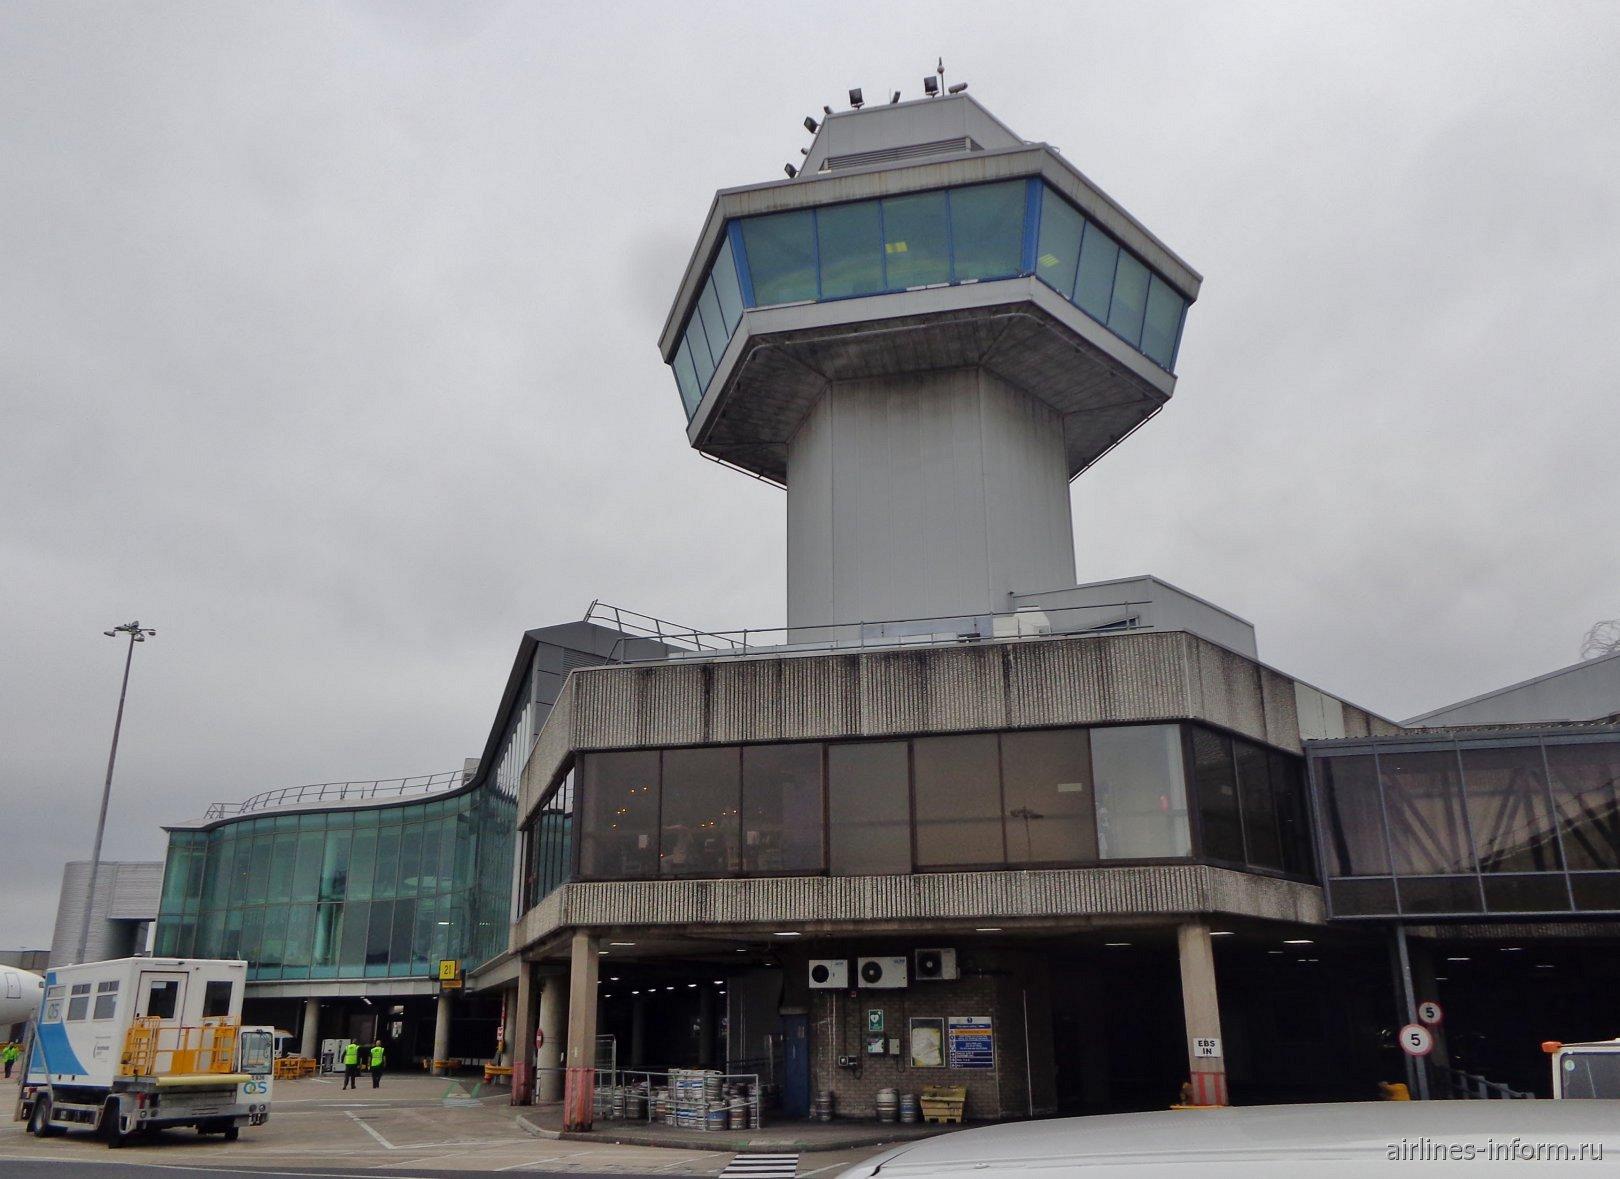 Диспетчерская вышка у терминала 1 аэропорта Манчестер